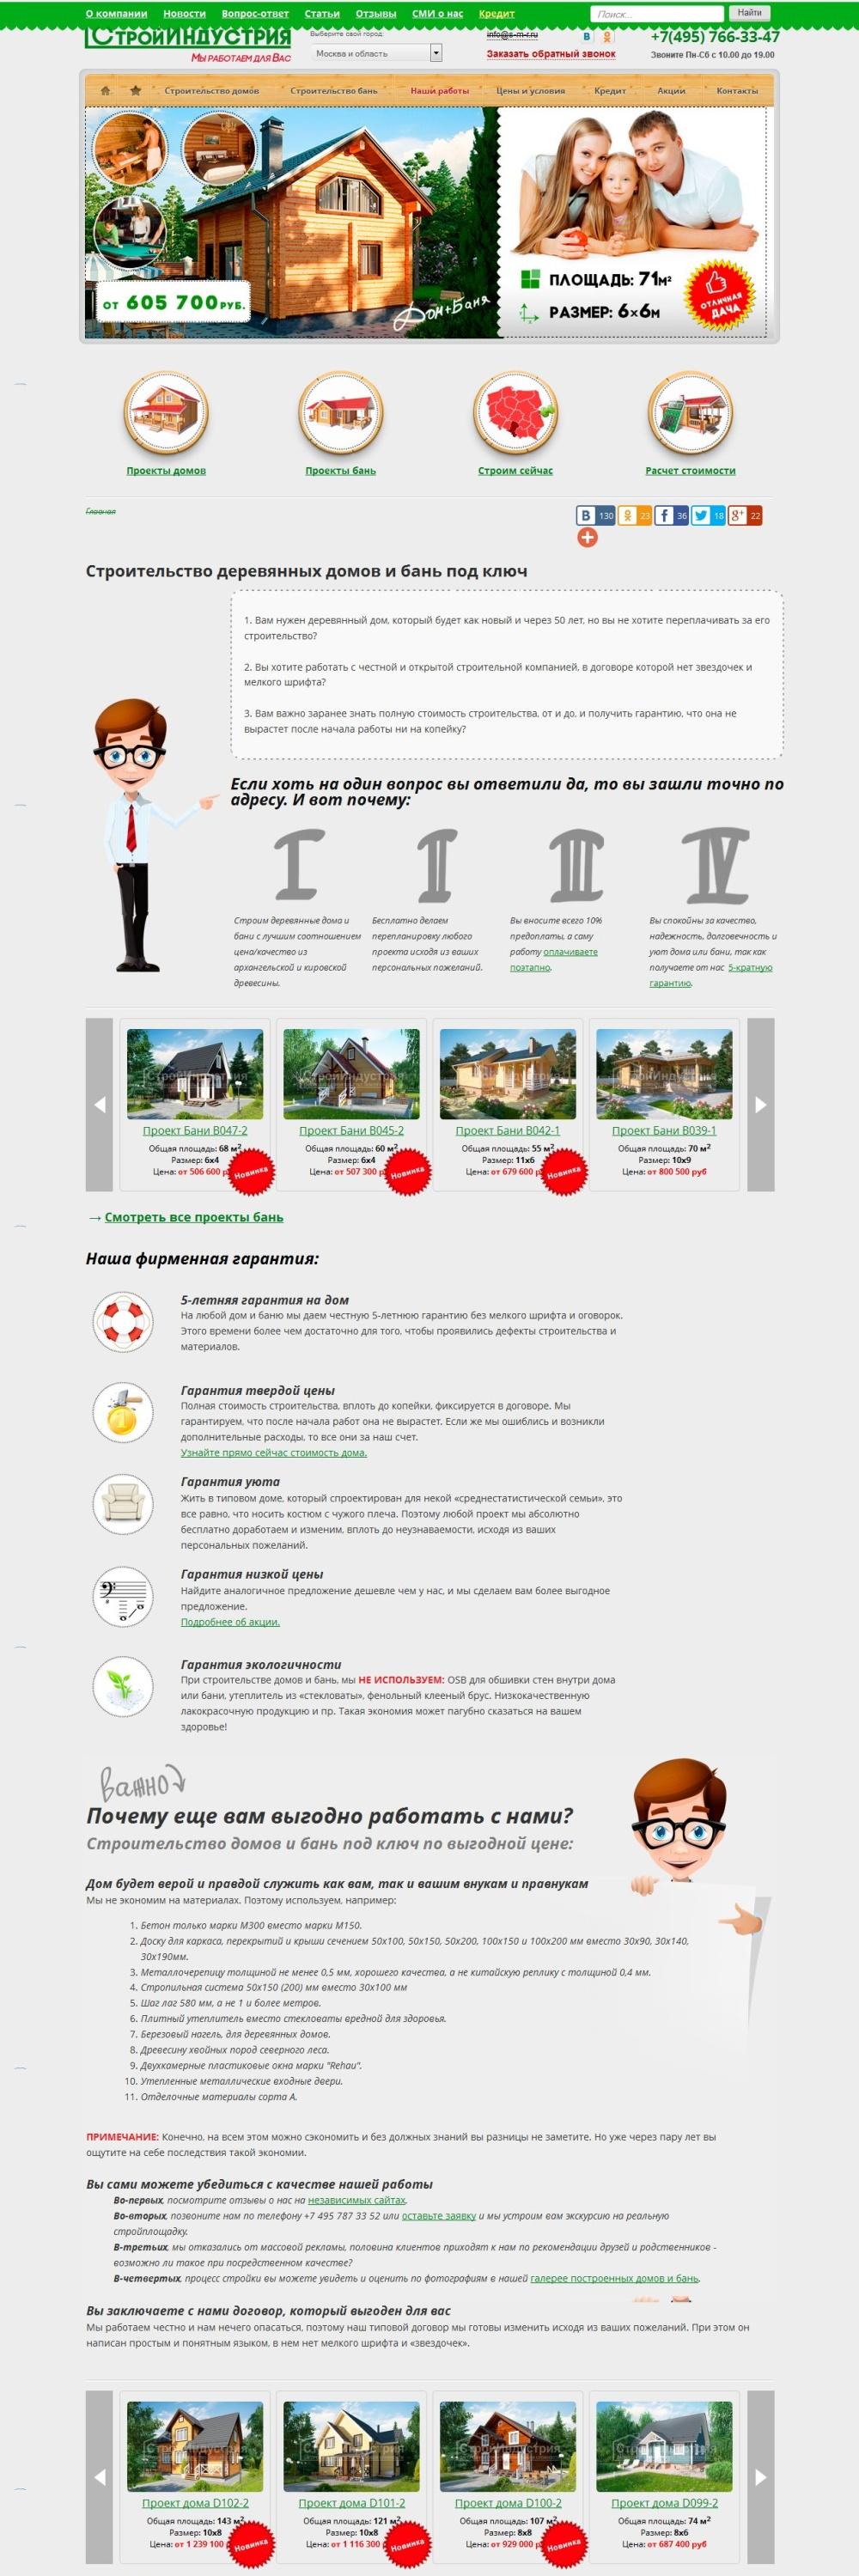 www.s-m-r.ru - строительство деревянных бань и домов